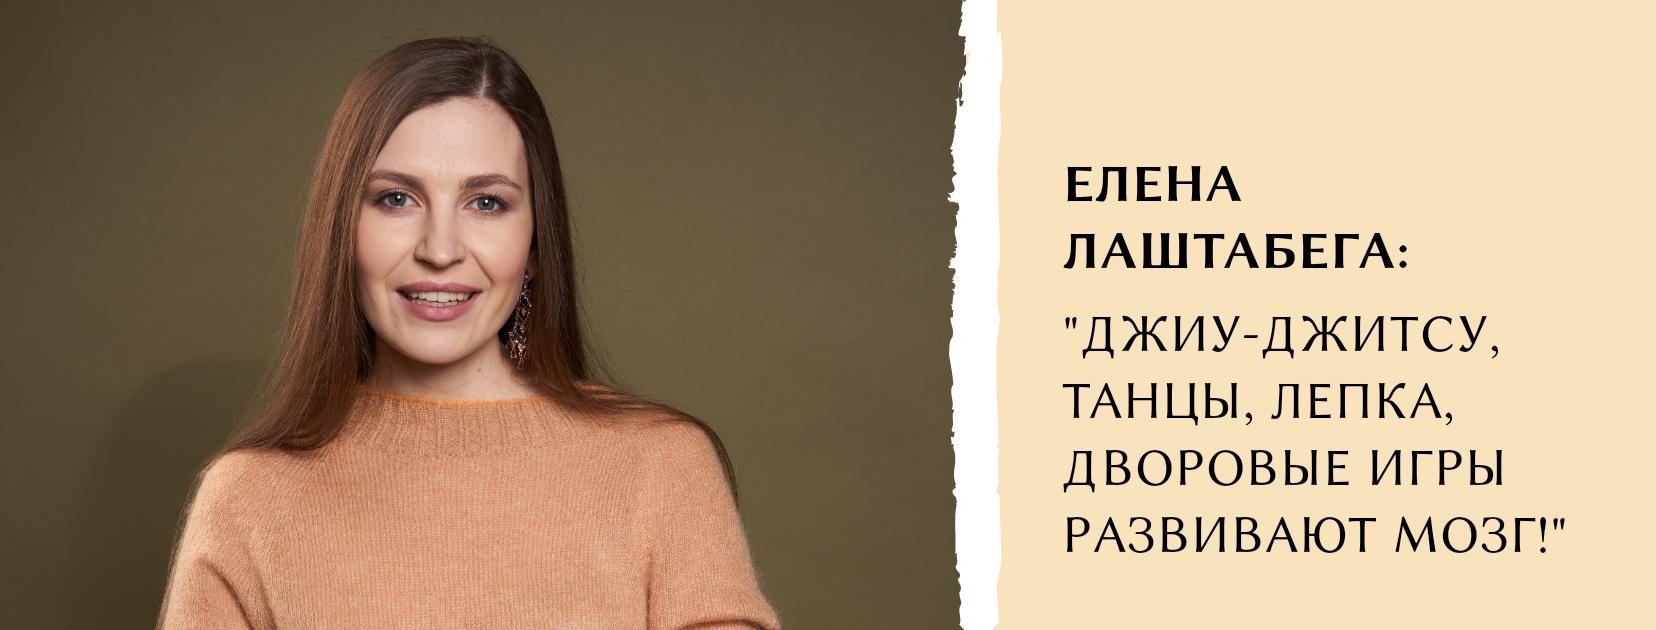 Елена Лаштабега: «Джиу-джитсу, танцы, лепка, дворовые игры развивают мозг!» в ТК ЭКОПОЛИС premium